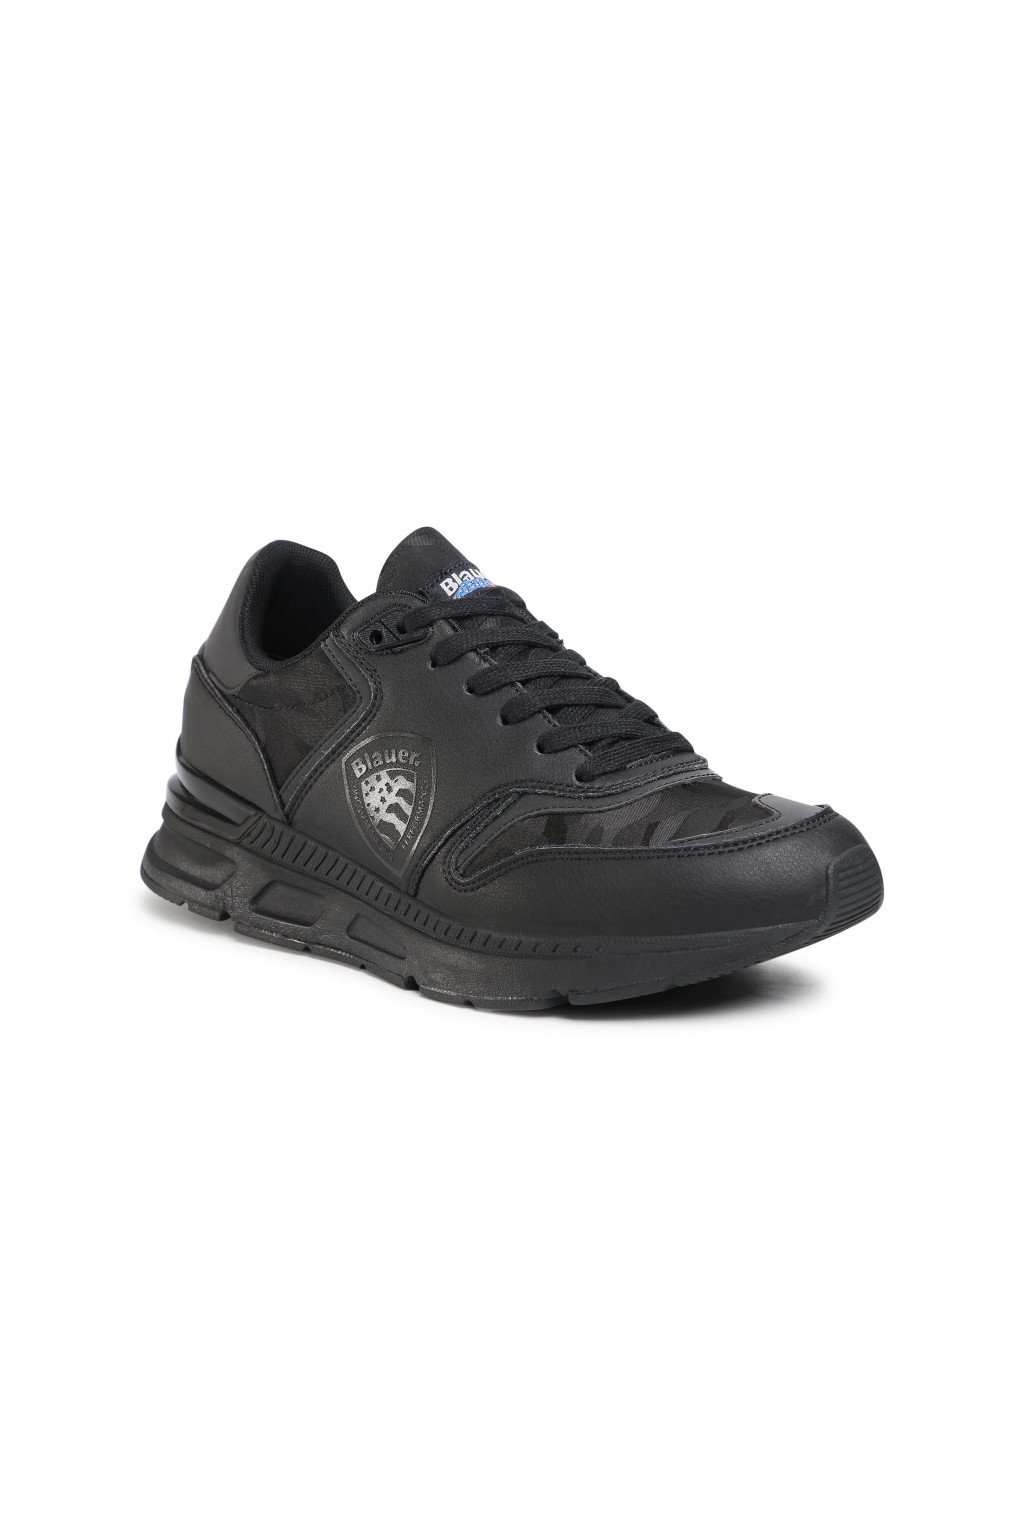 F0HILO01/CAM Pánské tenisky Blauer černé